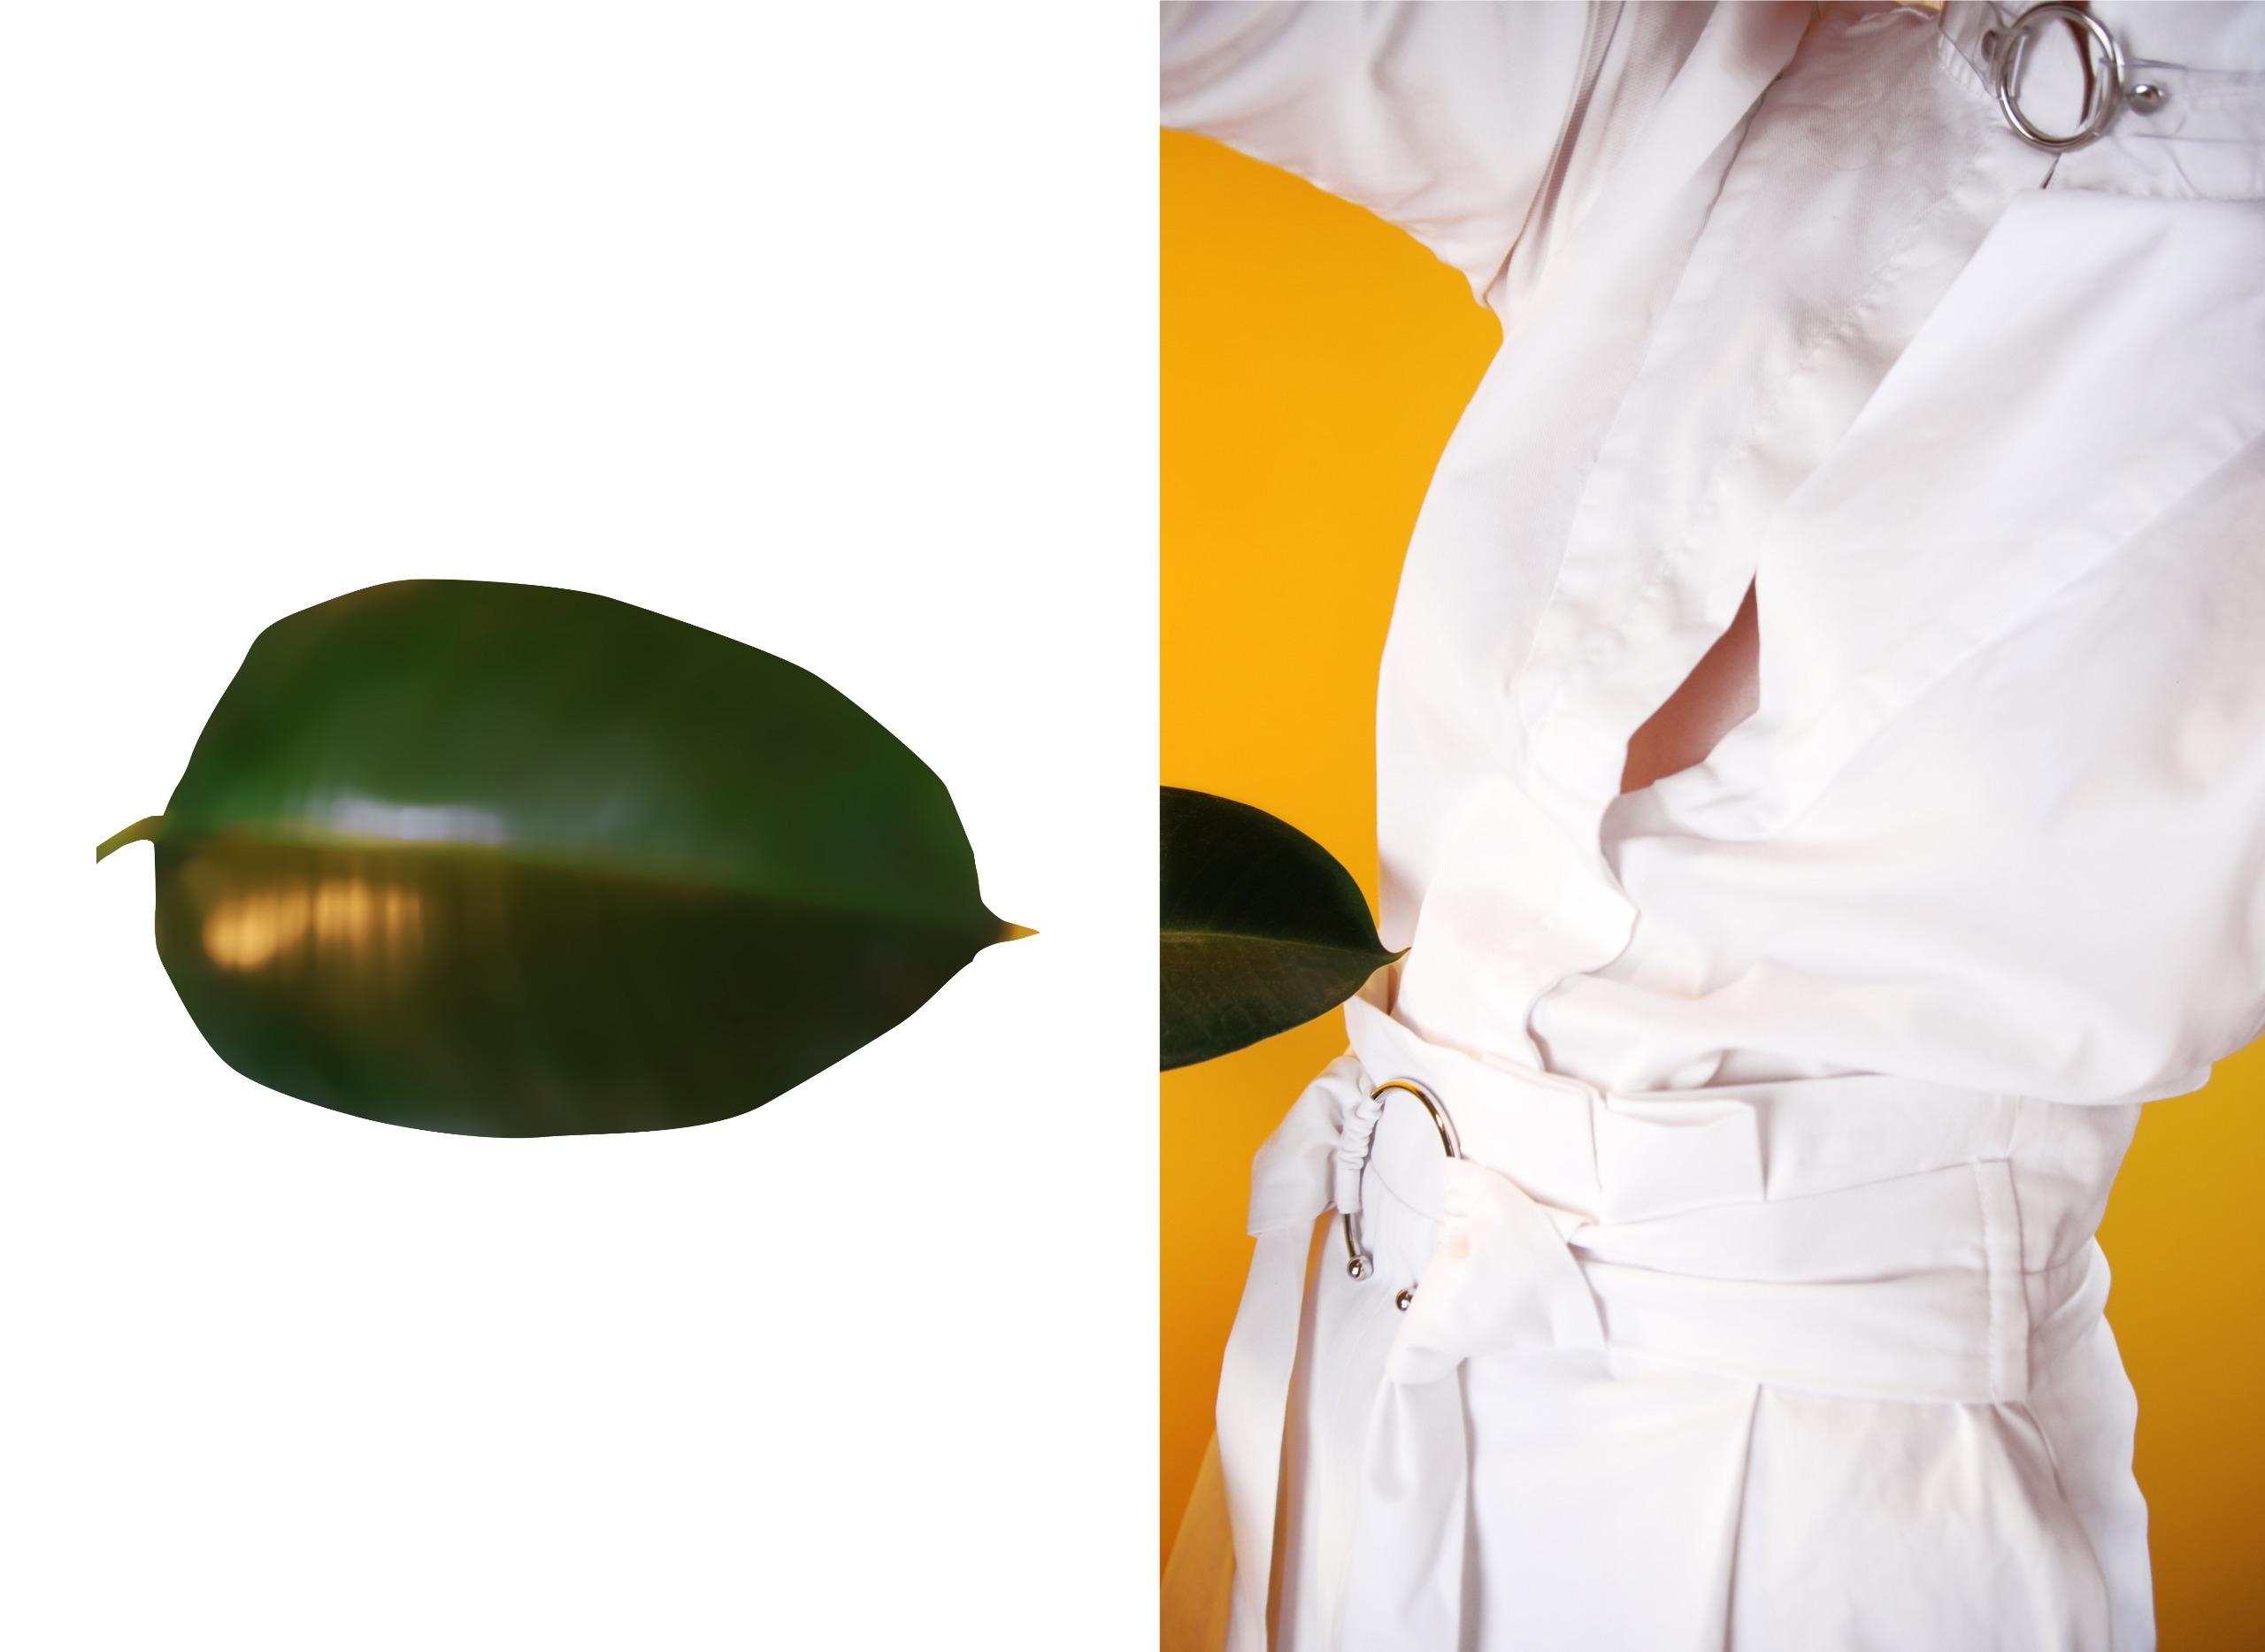 Zdjęcie podzielone jest na dwie części, z lewej strony widzimy kształt liścia, a z prawej fragment postaci ubranej na biało, na żółym tle.